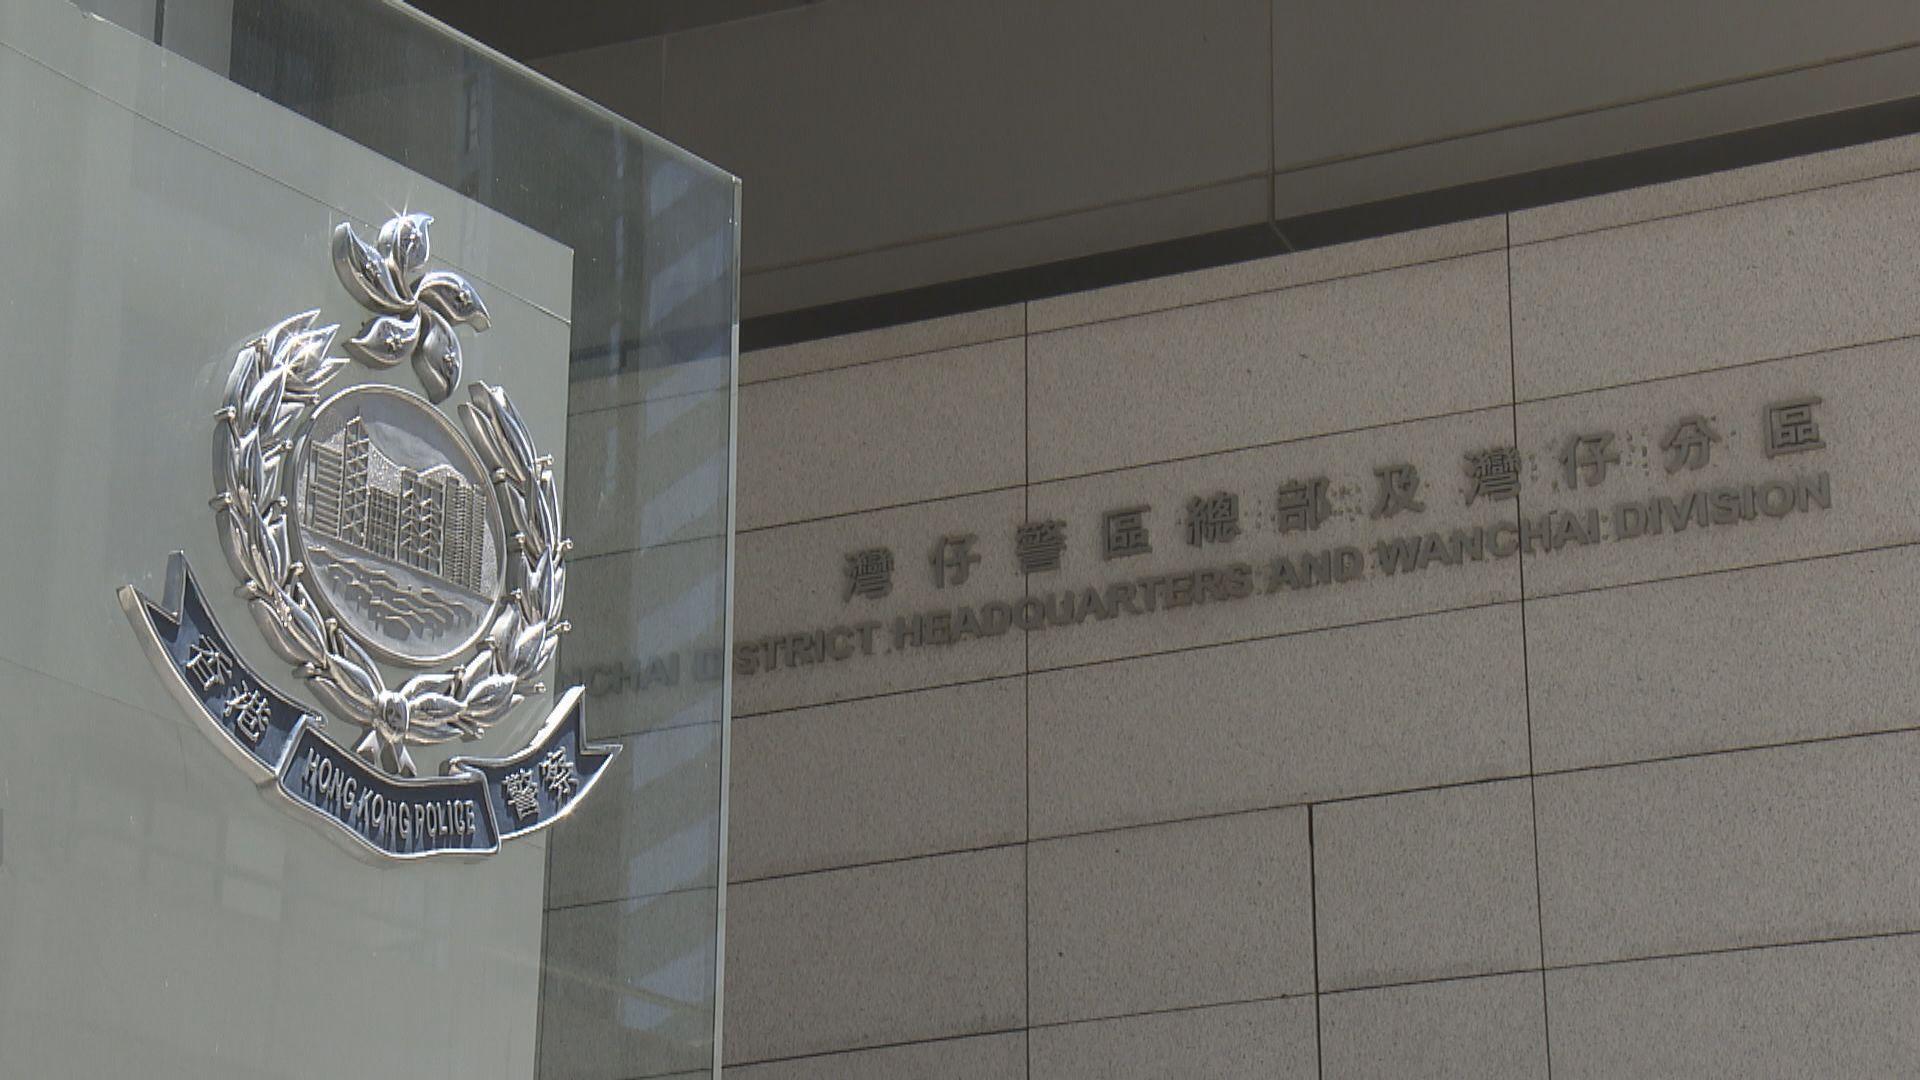 警方拘兩名警員涉販毒 據悉兩人同屬西九龍反黑組